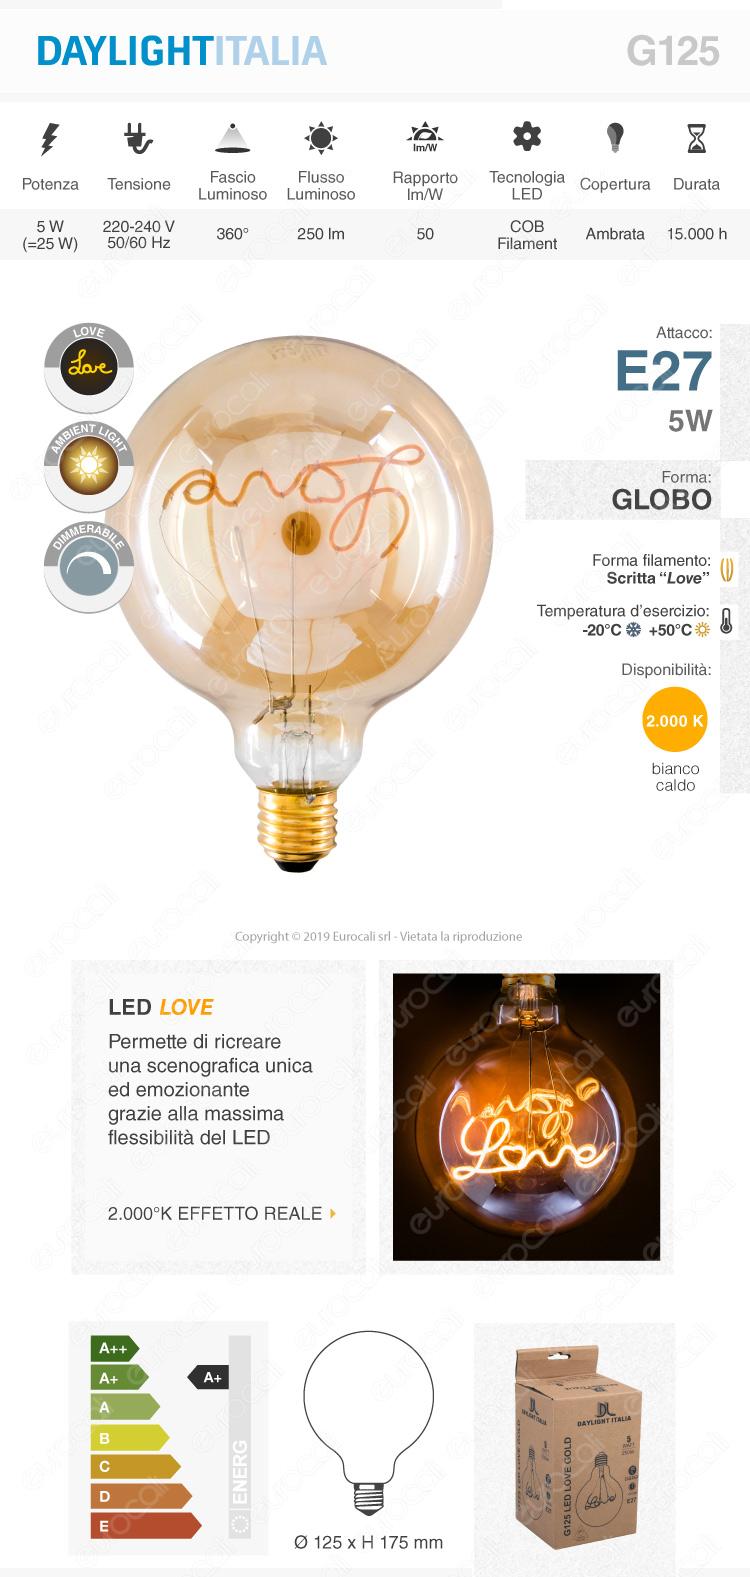 Daylight Lampadina E27 Filamento LED Scritta Love Cuore 5W Globo G125 Vetro Ambrato Dimmerabile